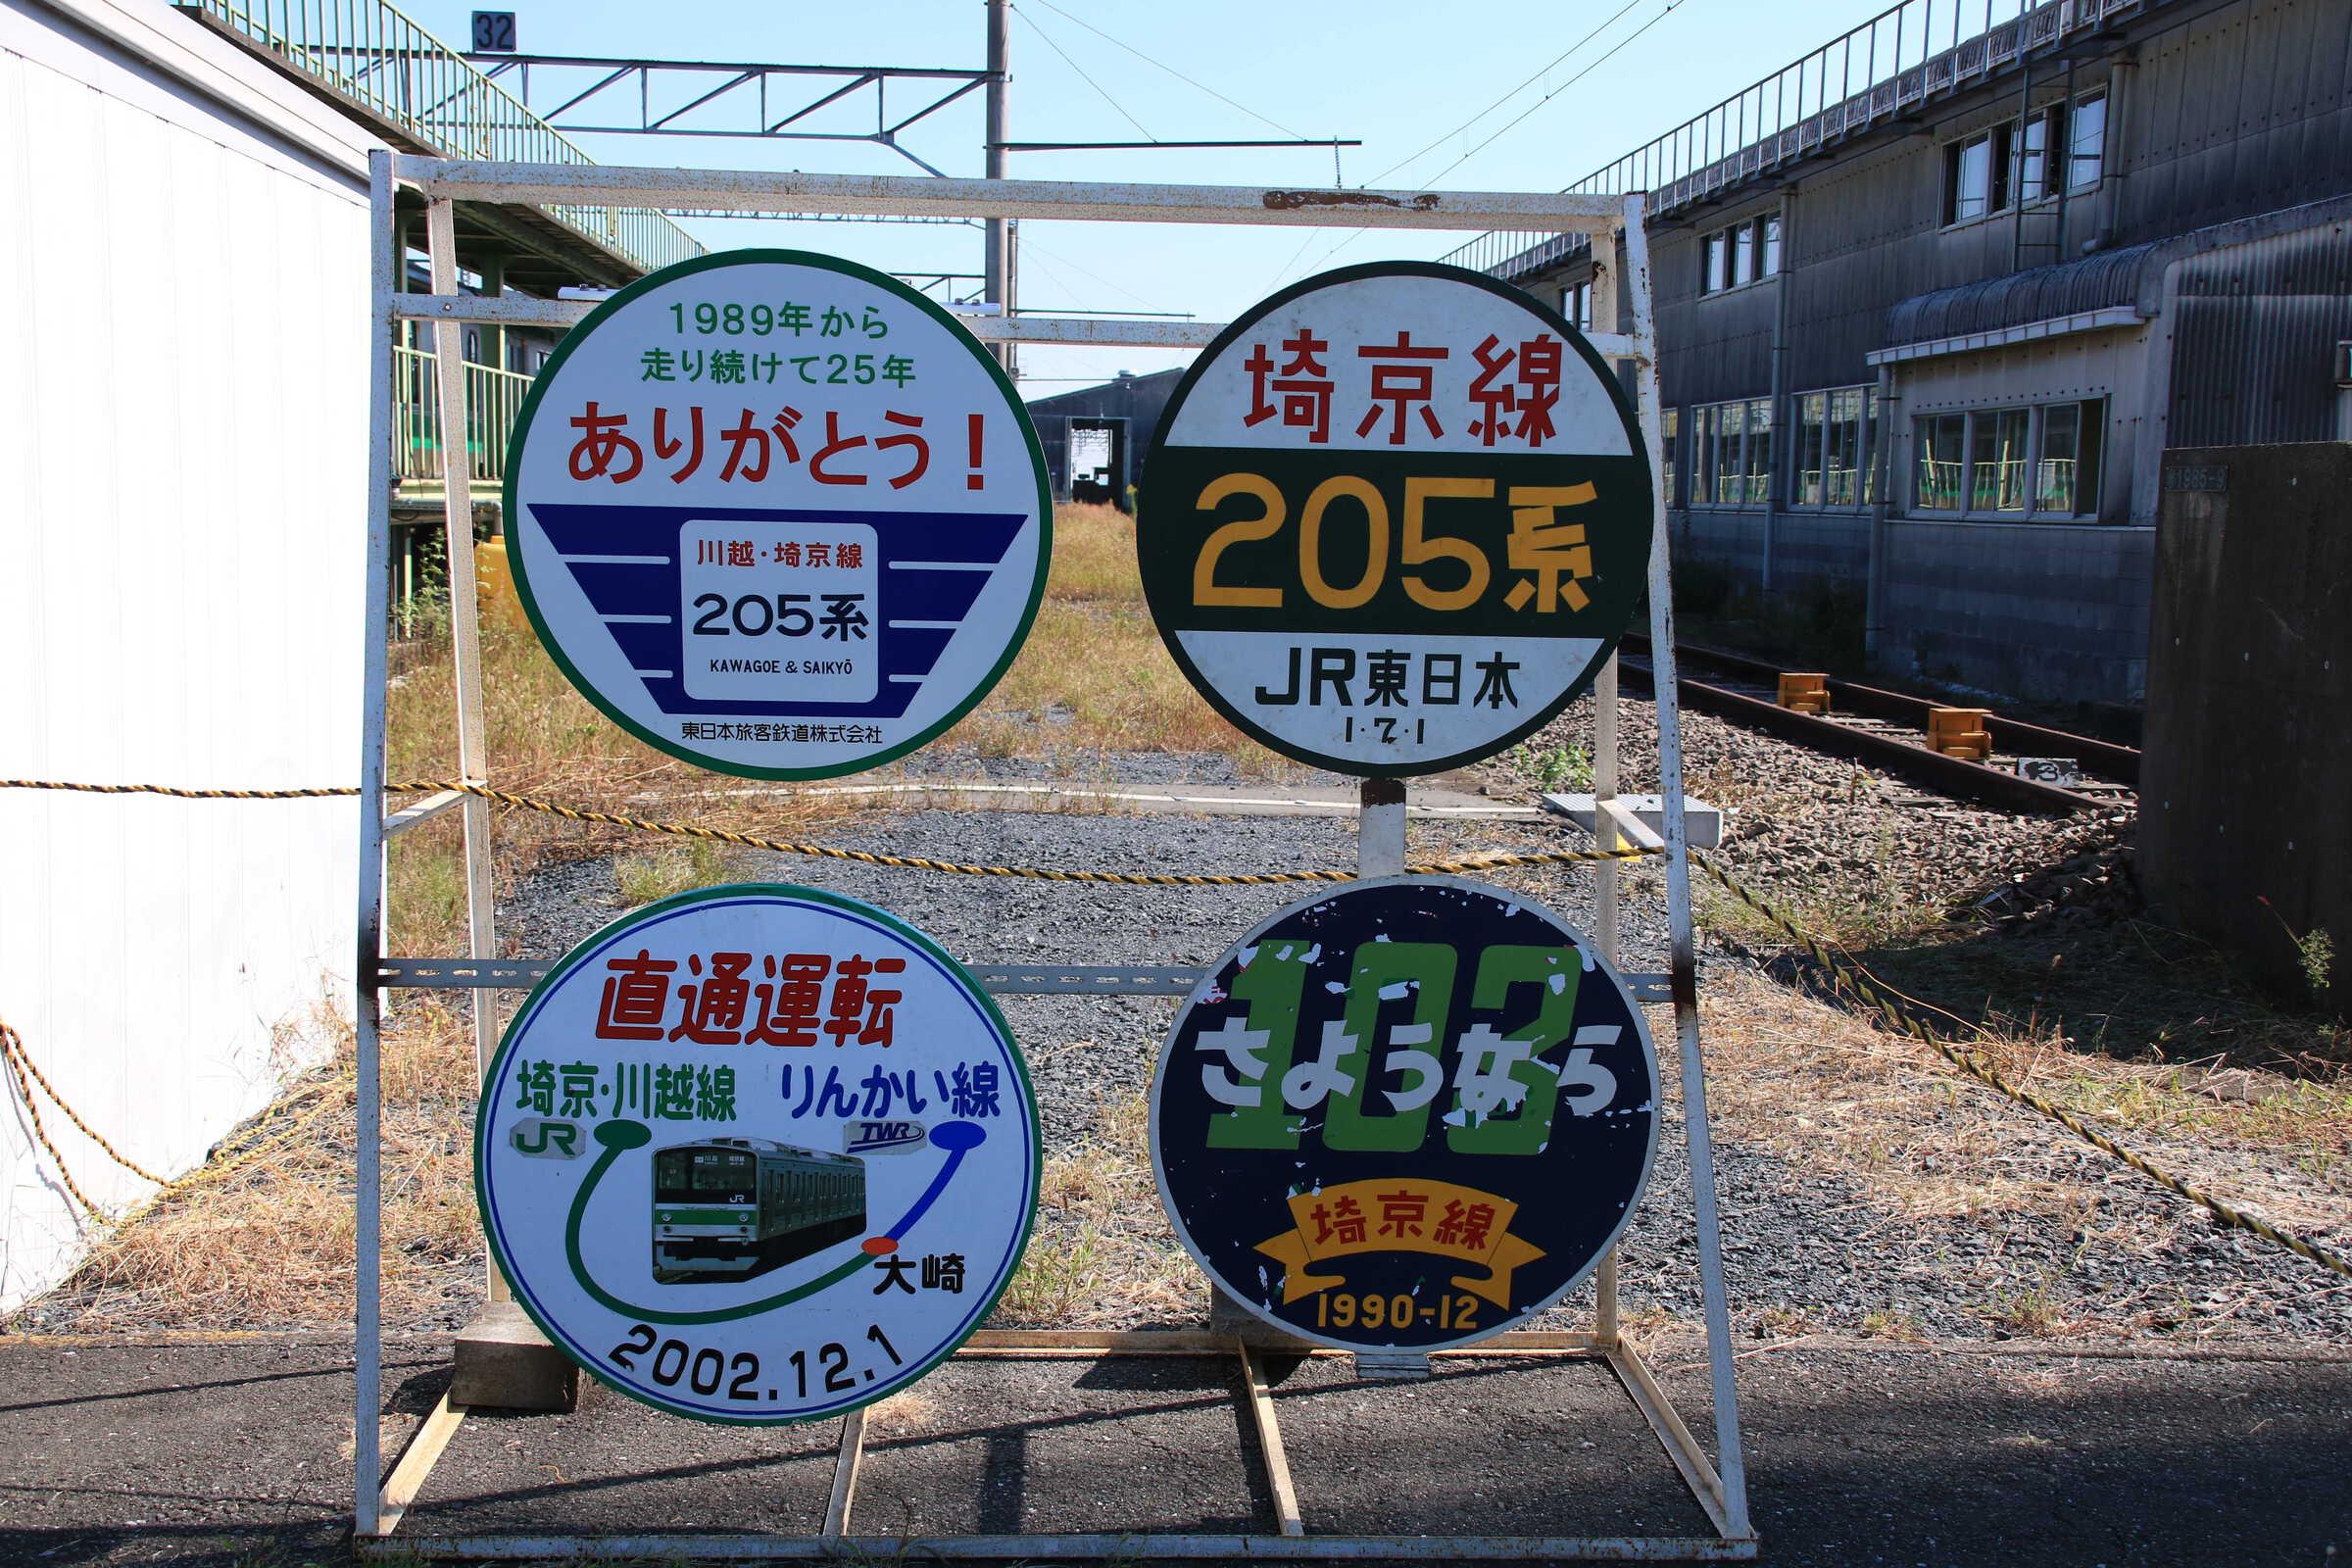 埼京線,川越線につけられていたヘッドマーク